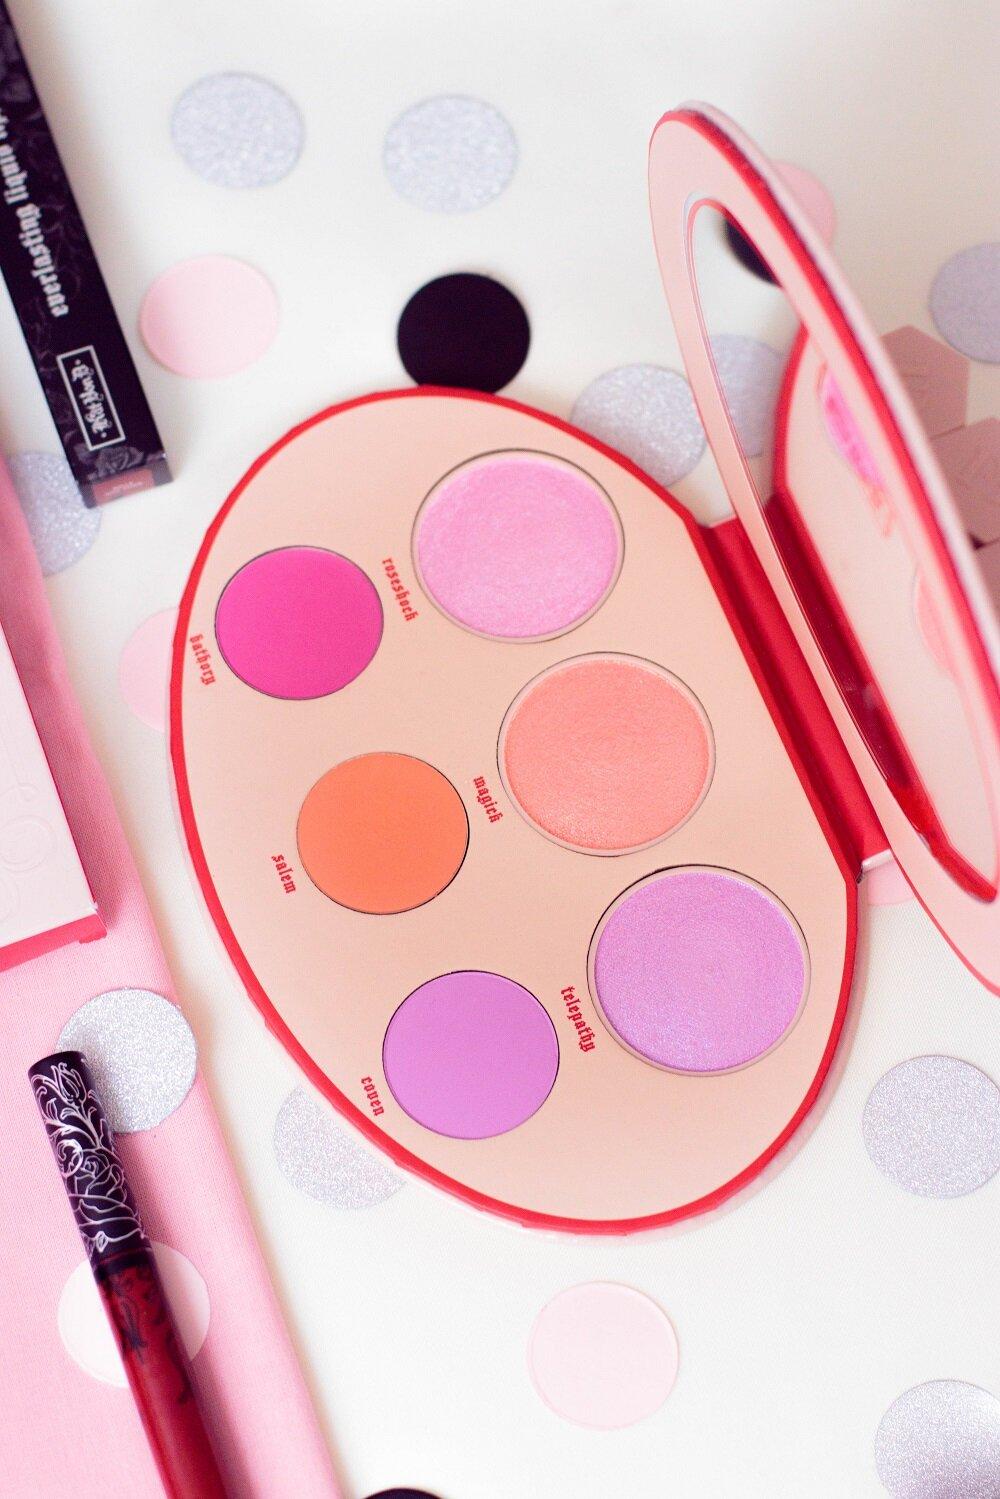 fetish-blush-highlighter-palette-revue-pauuulette-2.jpg